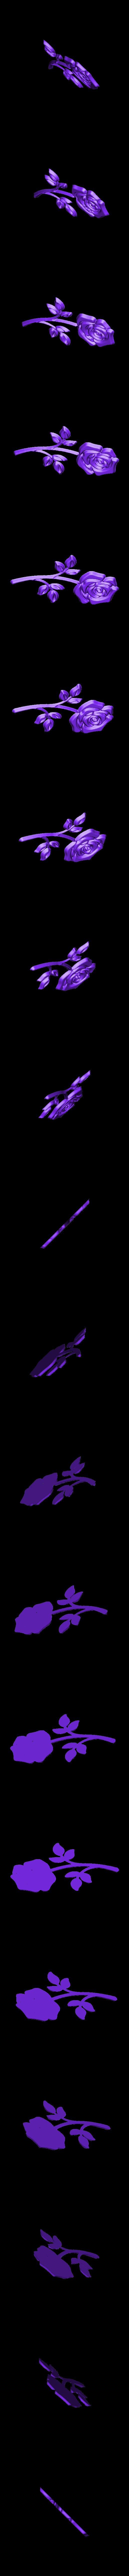 roseev.stl Télécharger fichier STL gratuit rose • Plan pour imprimante 3D, syzguru11